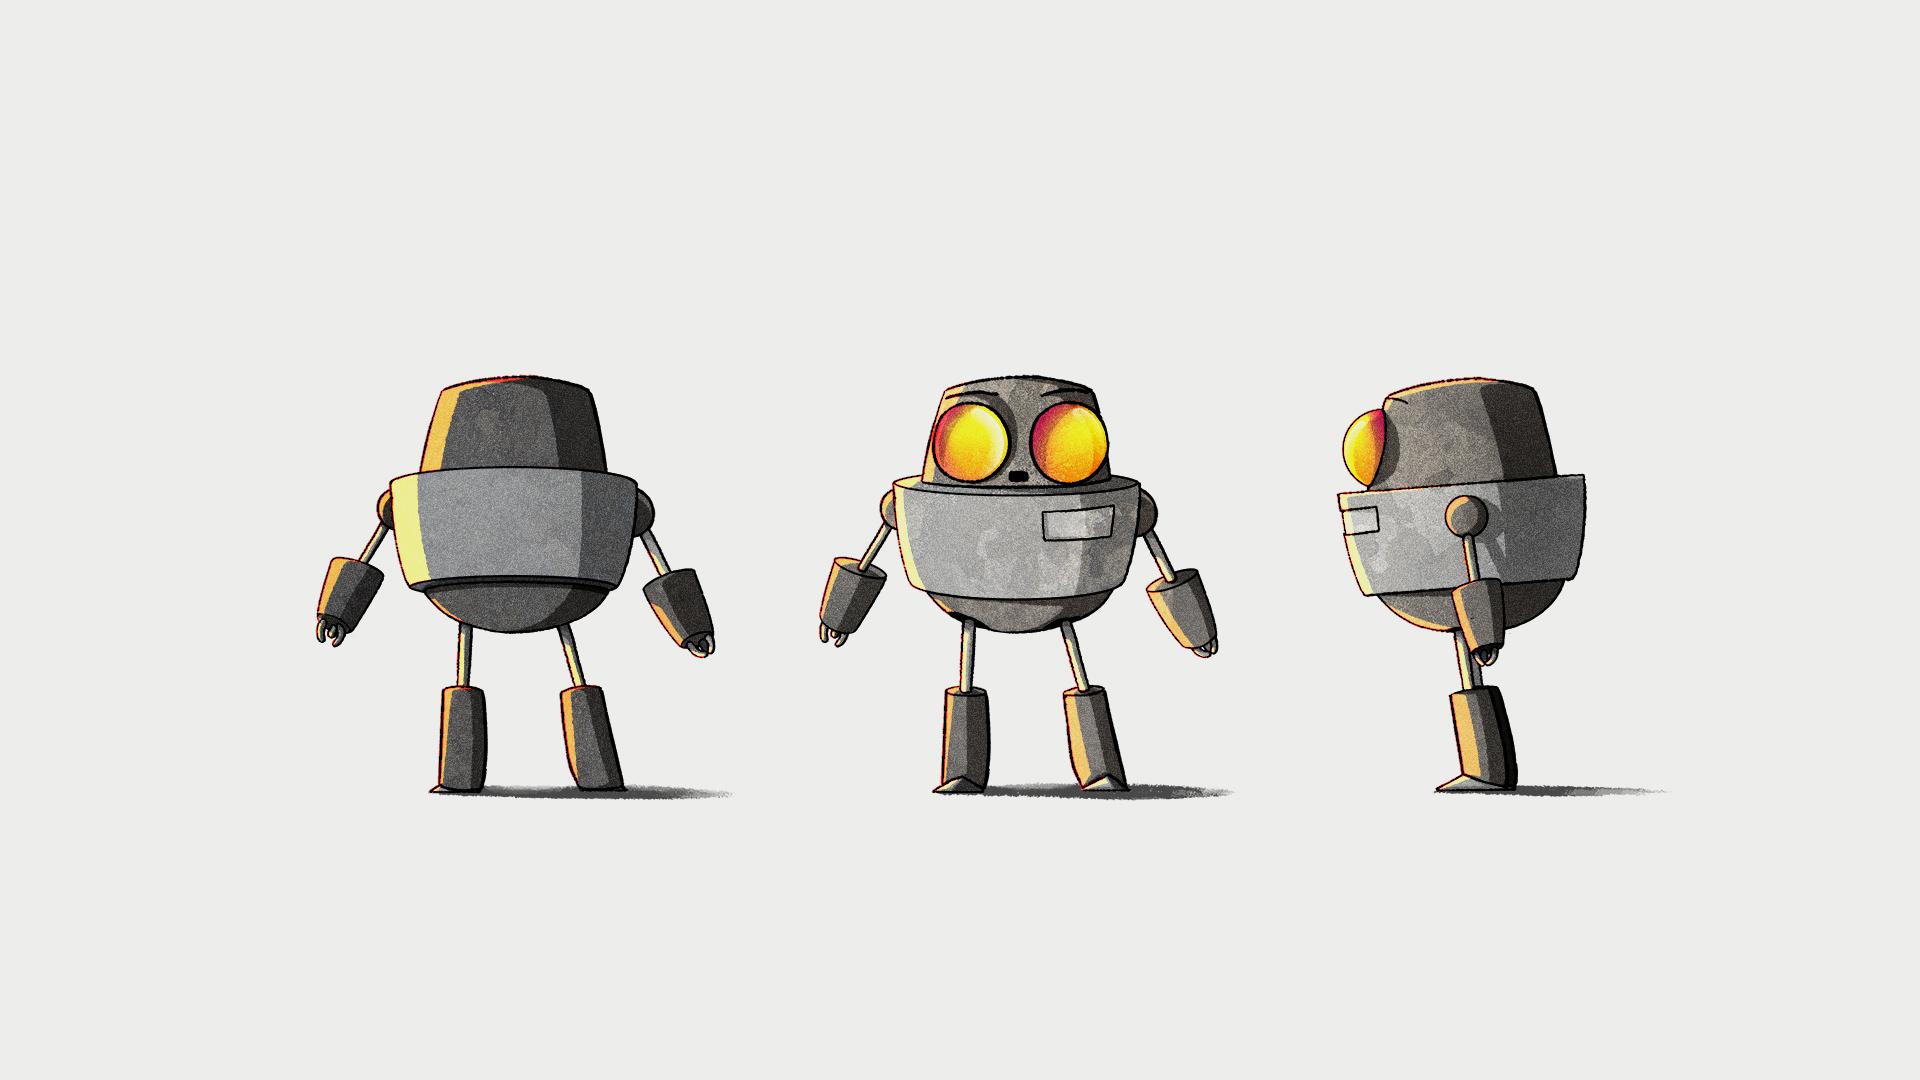 Robot_Design_Round03.jpg